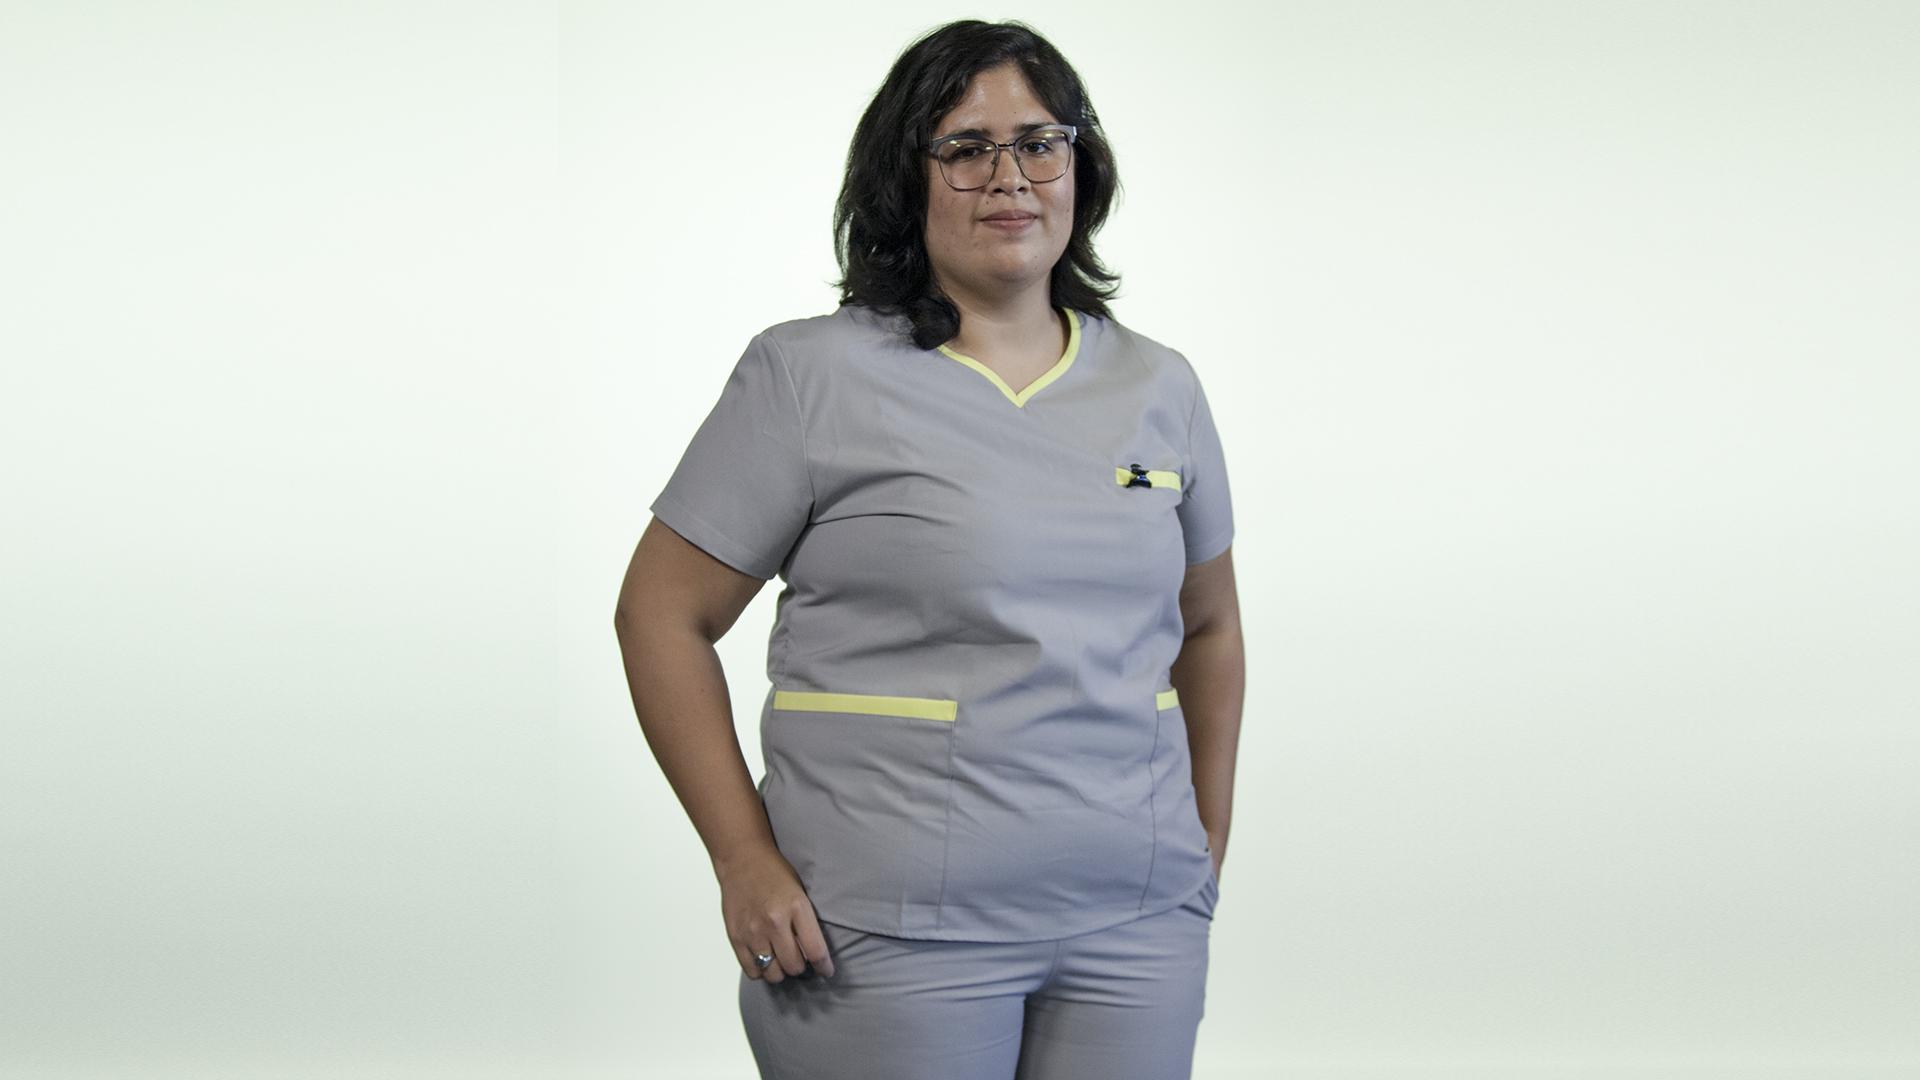 Brenda en Infobae: cree que el accidente terminará definiendo su especialidad (Santiago Saferstein)